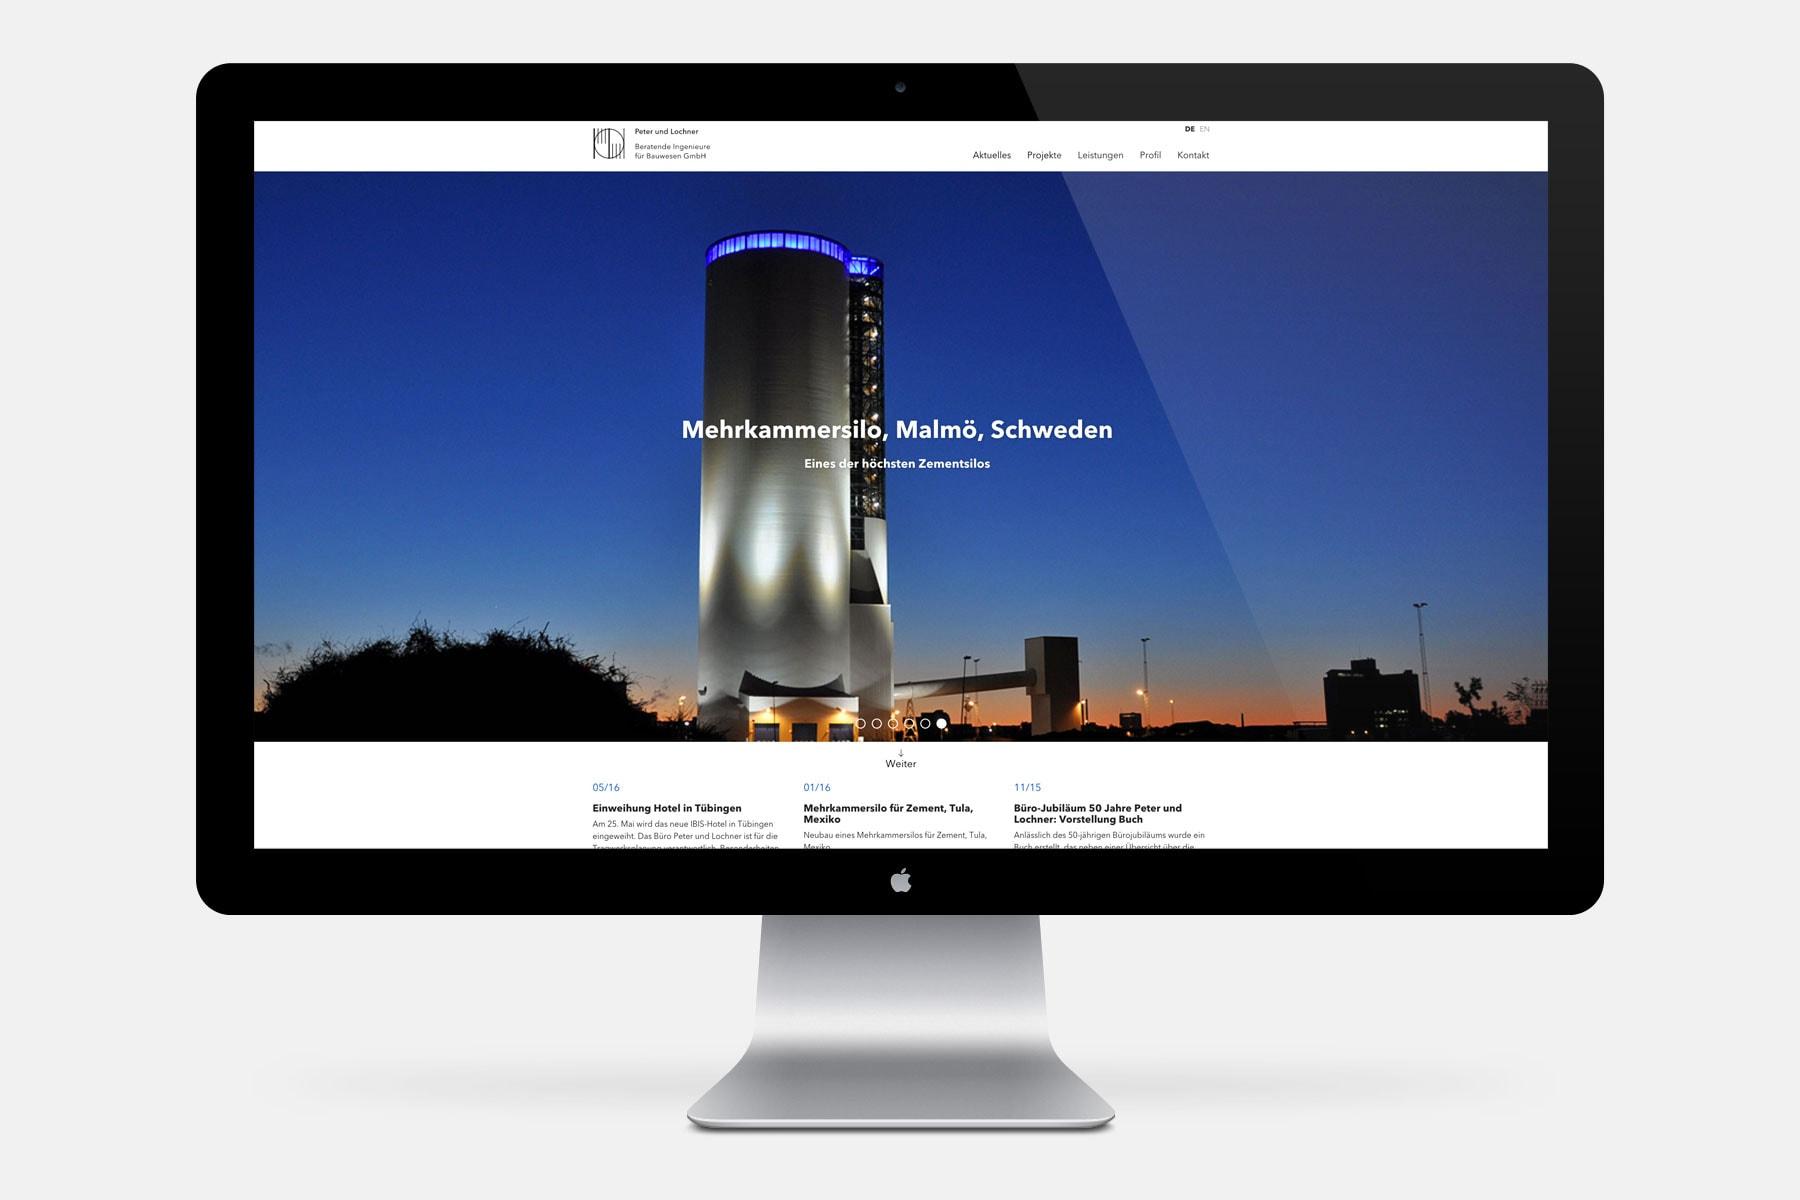 PUL Ingenieure – Startseite [Desktop]